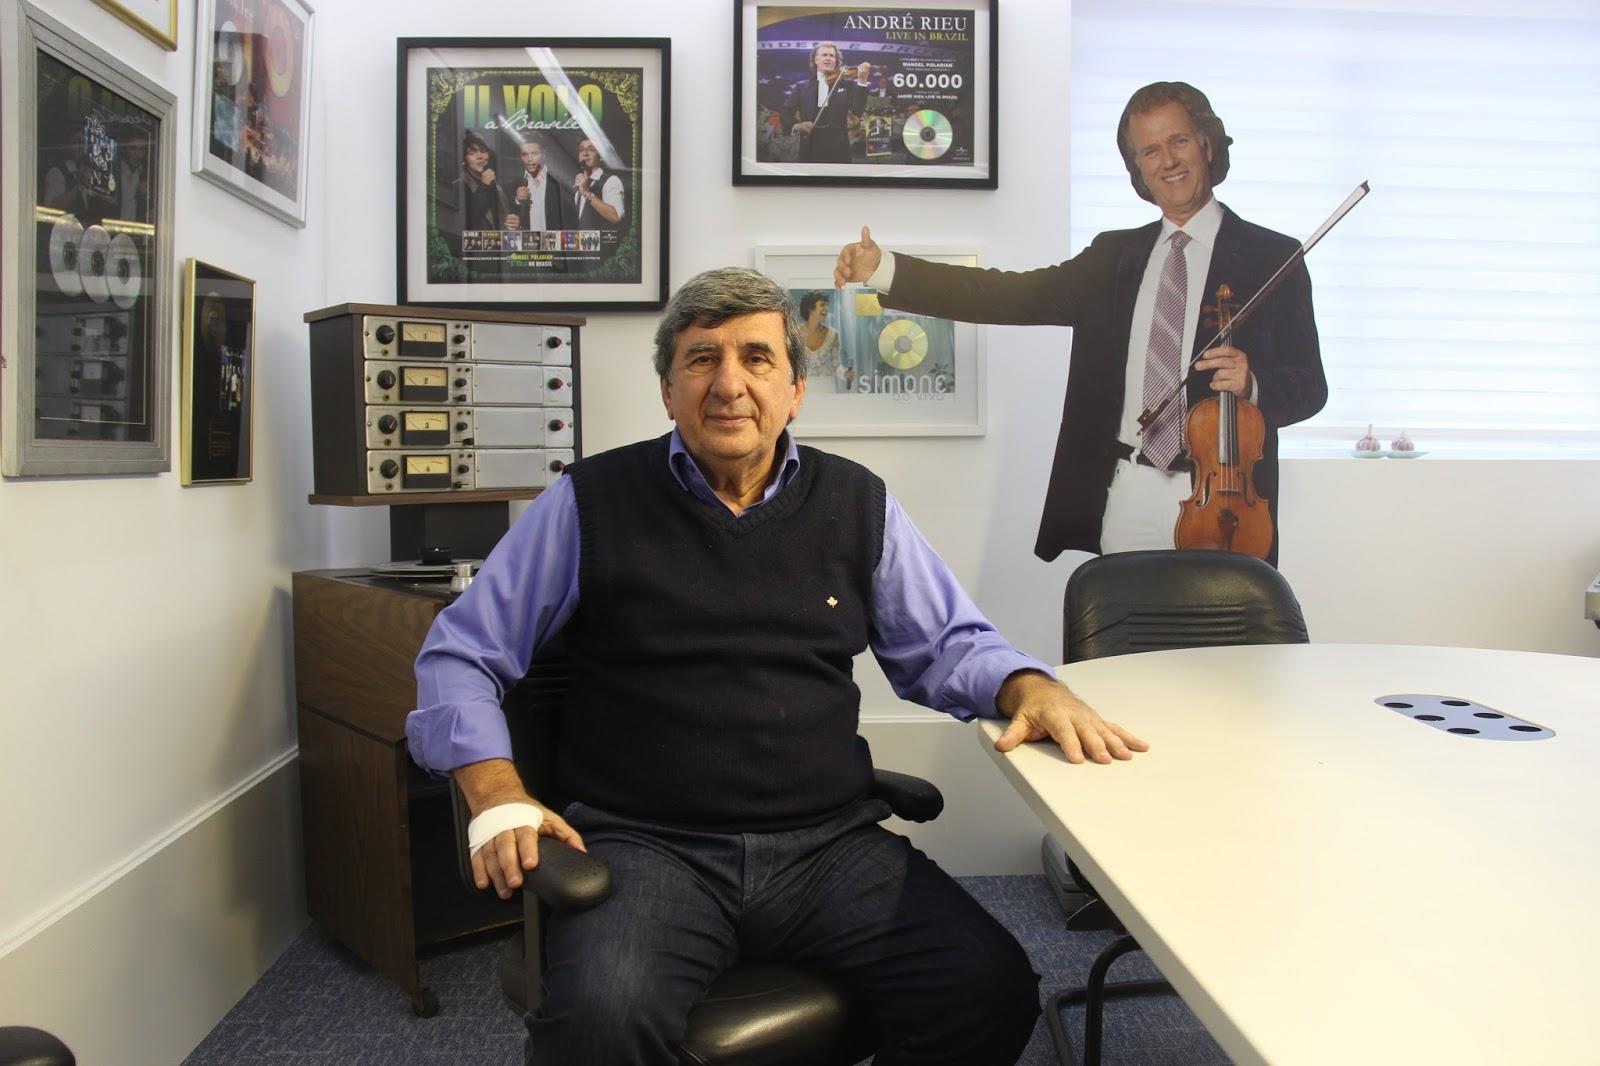 Manoel Poladian e o Andre Rieu de Papelão, sua mina de ouro, atrás dele: faro inato para os bons negócios - Foto: Jotabê Medeiros